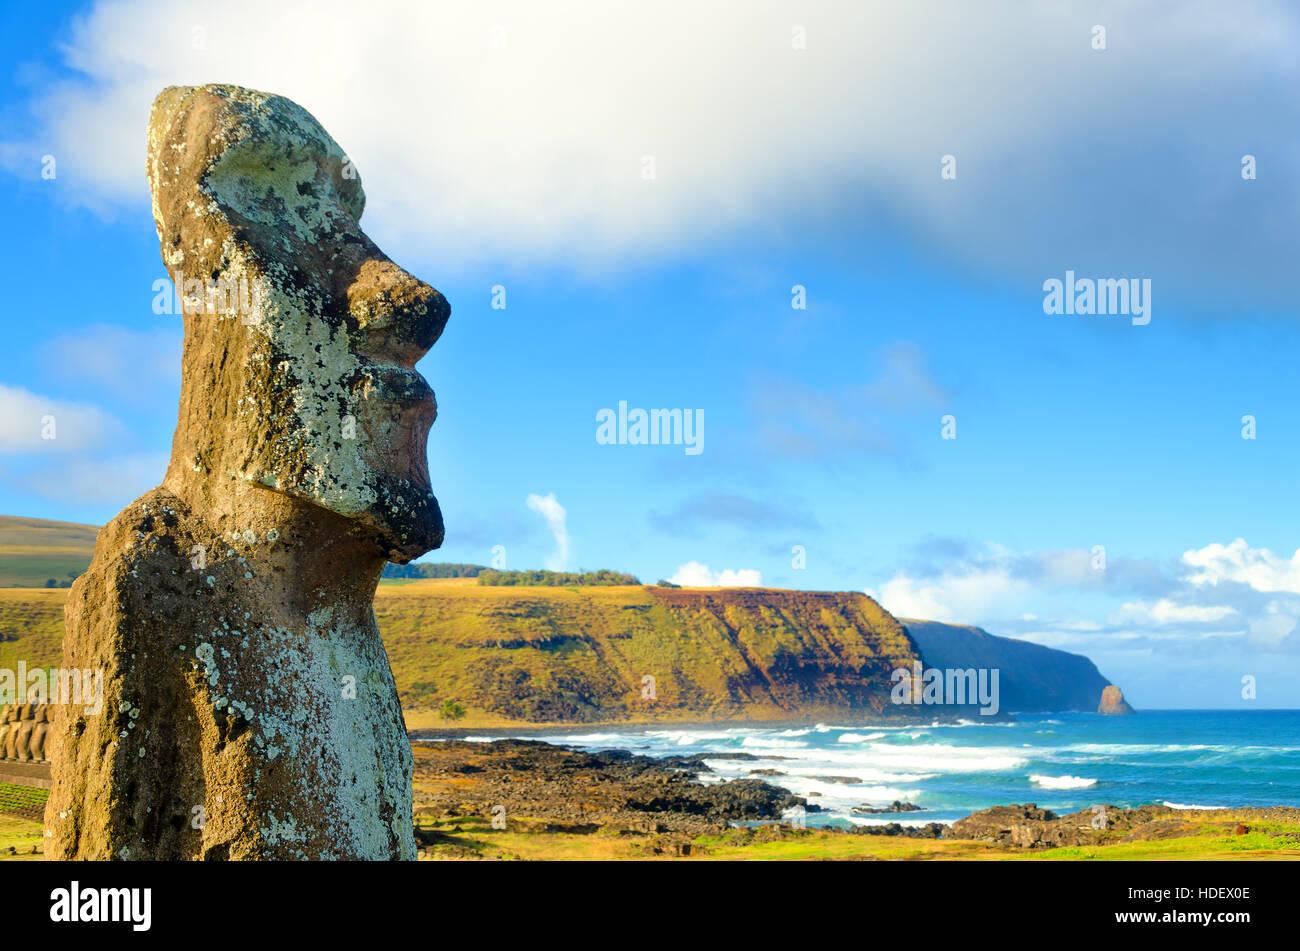 Gros plan du grand Moai de l'ahu Tongariki sur l'île de Pâques, Chili Photo Stock